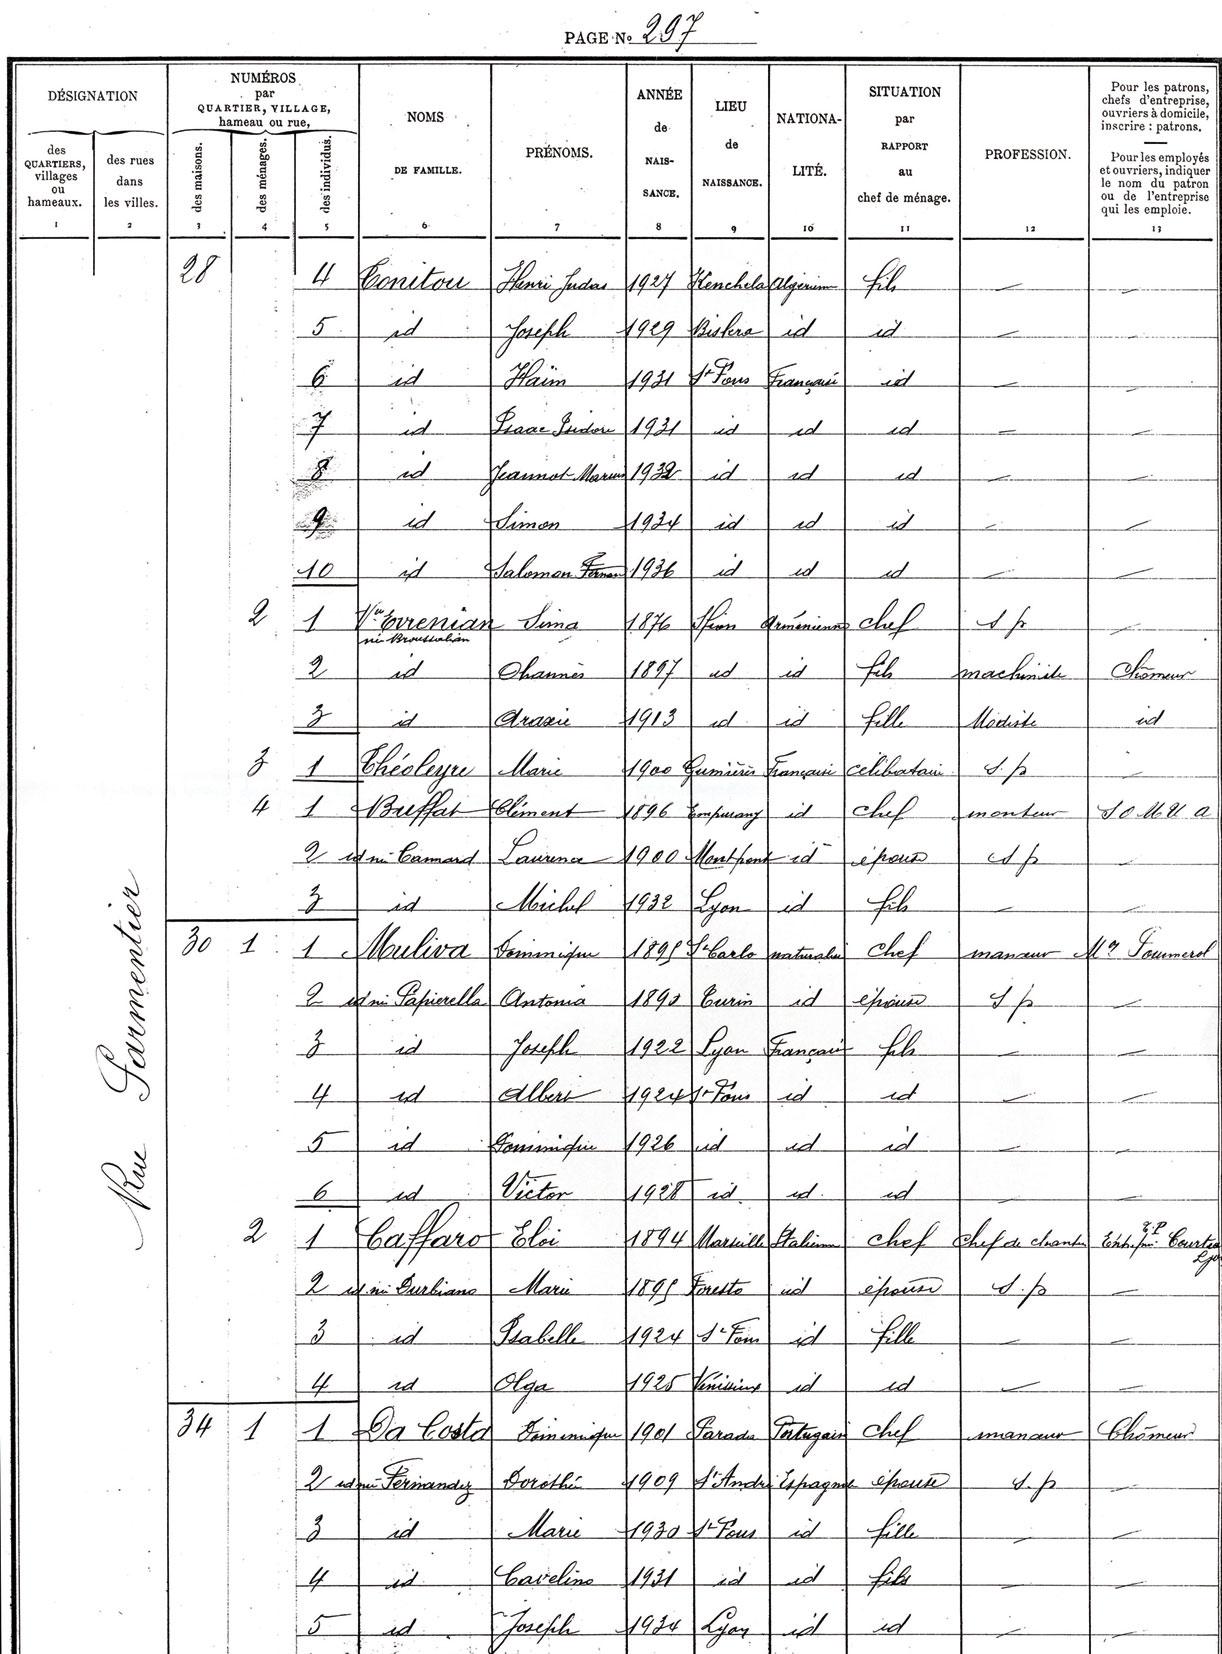 Recencement, page 2, Touitou, Saint-Fons